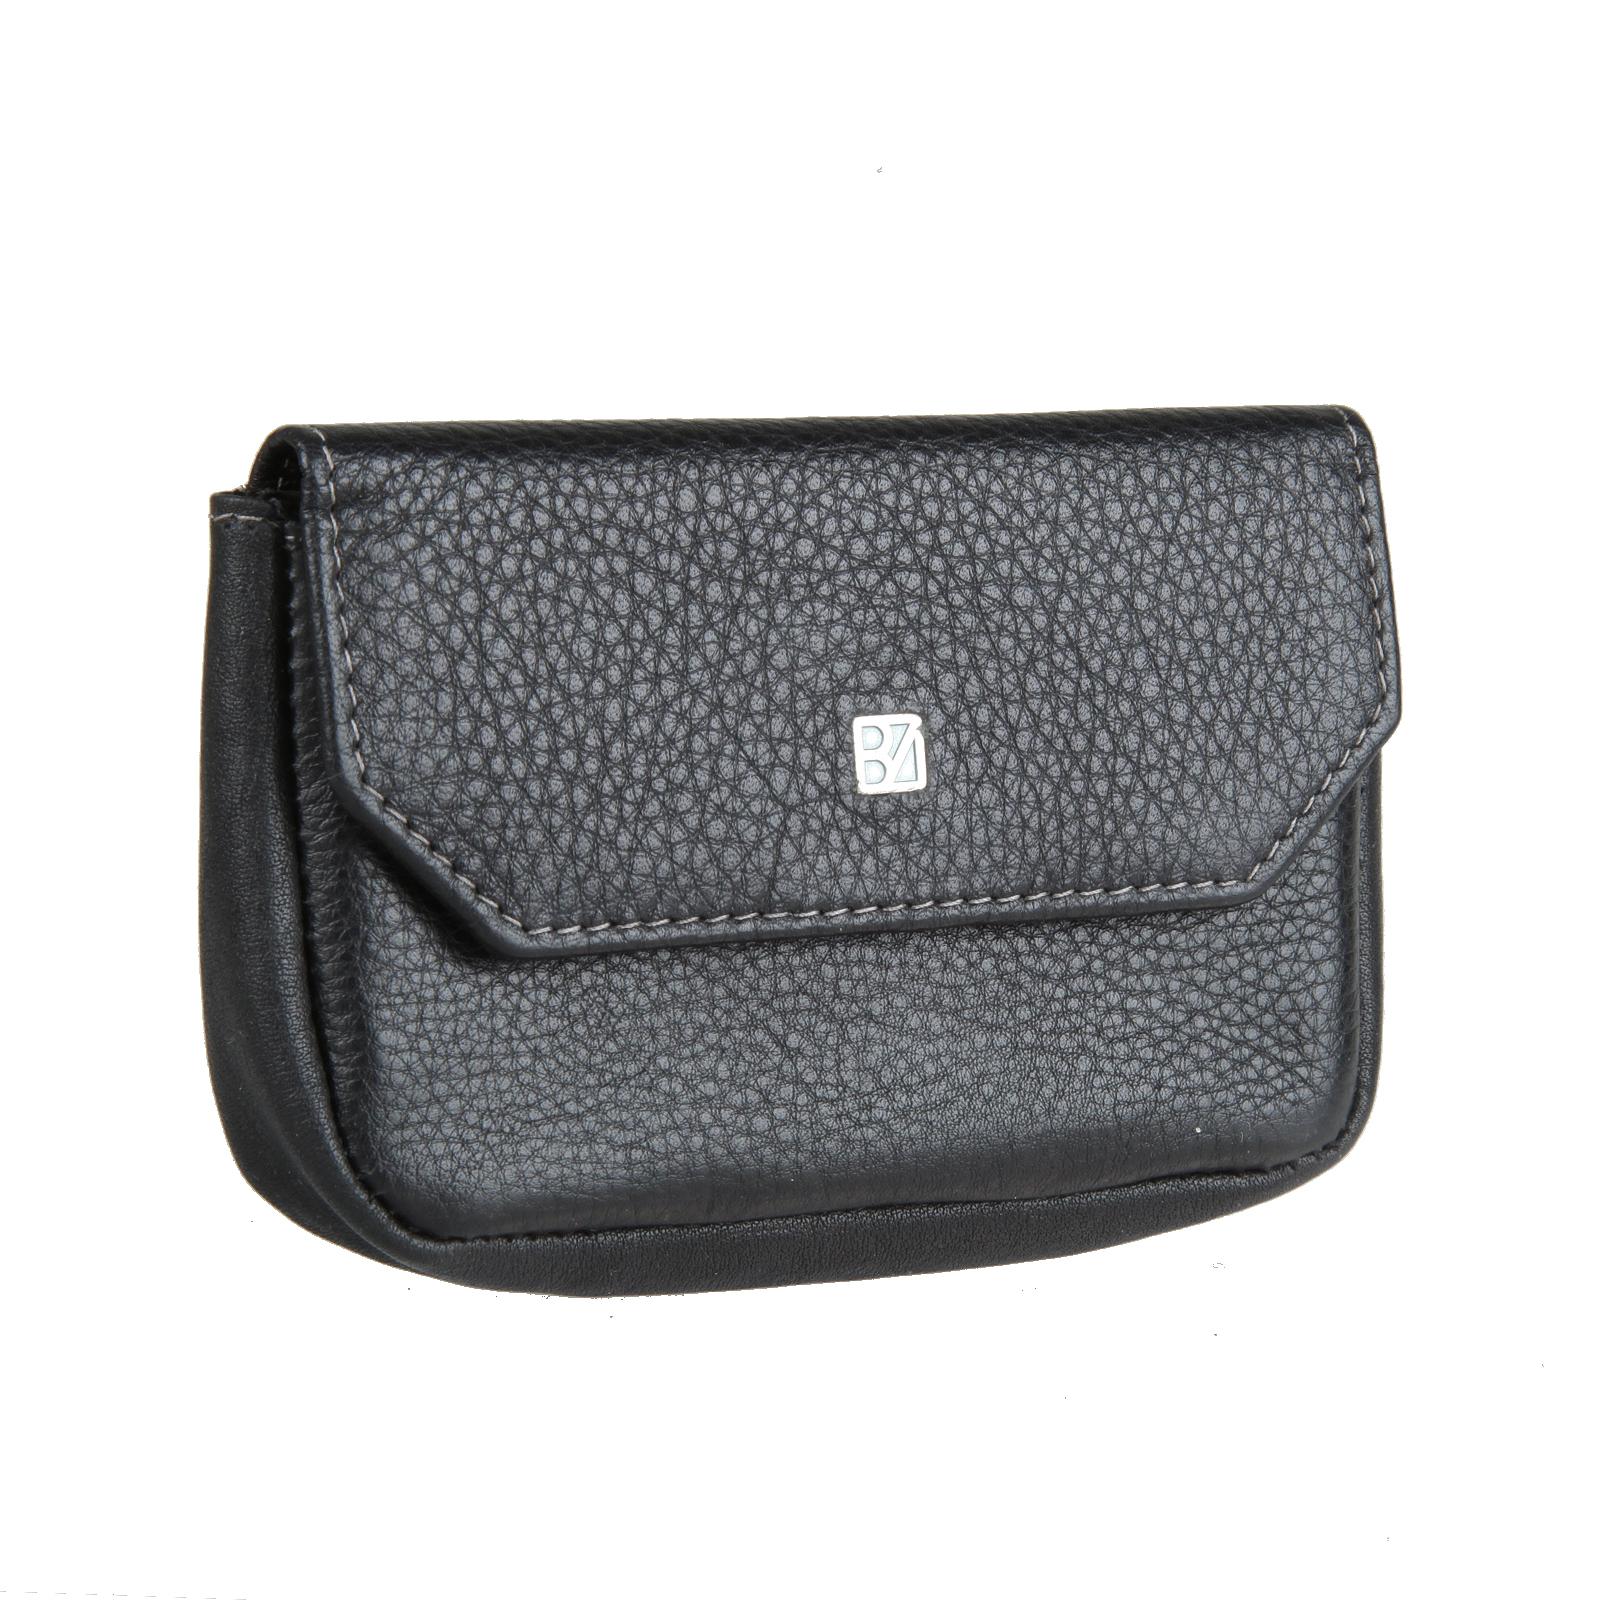 Ключница женская Bodenschatz, цвет: черный. 8-944 black8-944 blackЗакрывается клапаном на кнопку, внутри два кольца для ключей, потайной кармашек, снаружи на передней стенке кармашек для мелких предметов на молнии.